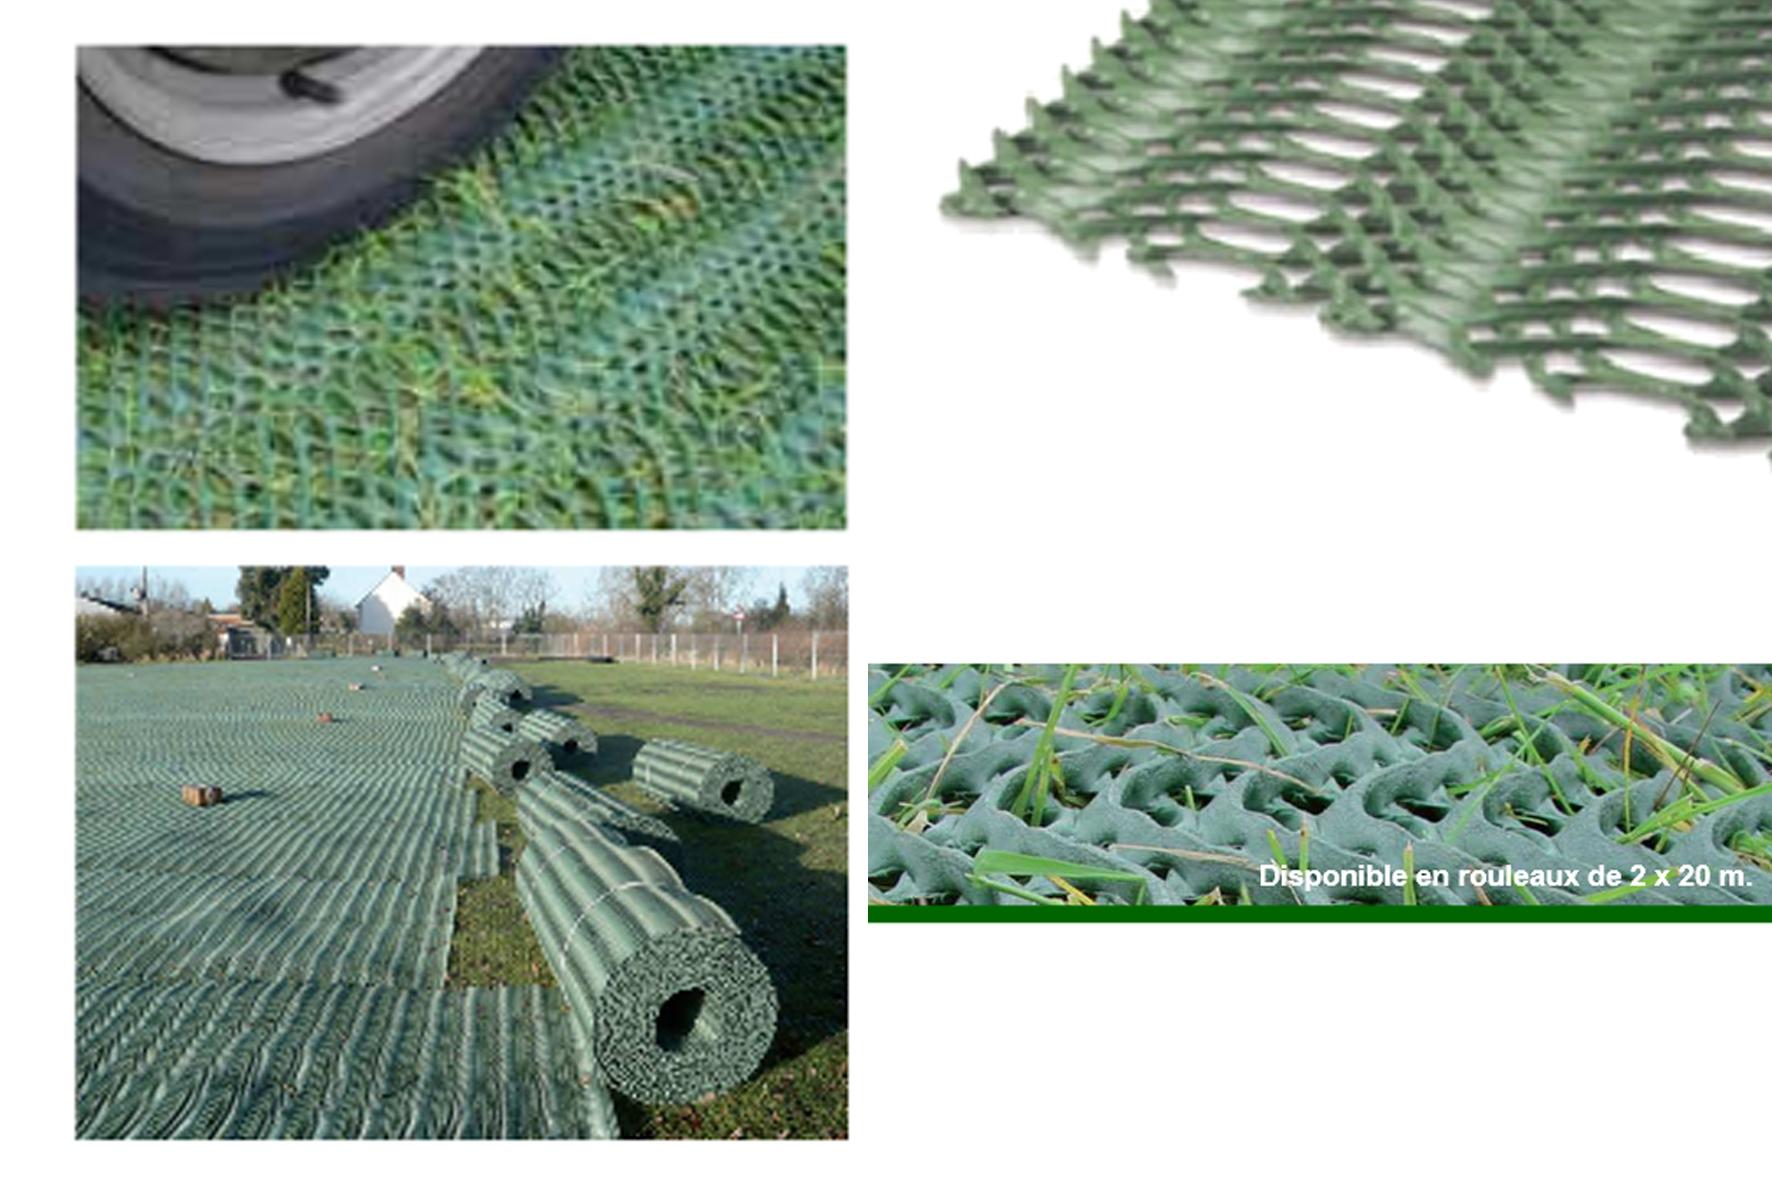 dalle pelouse passage voiture 15 terraweb strong est appropri pour le passage de voitures. Black Bedroom Furniture Sets. Home Design Ideas